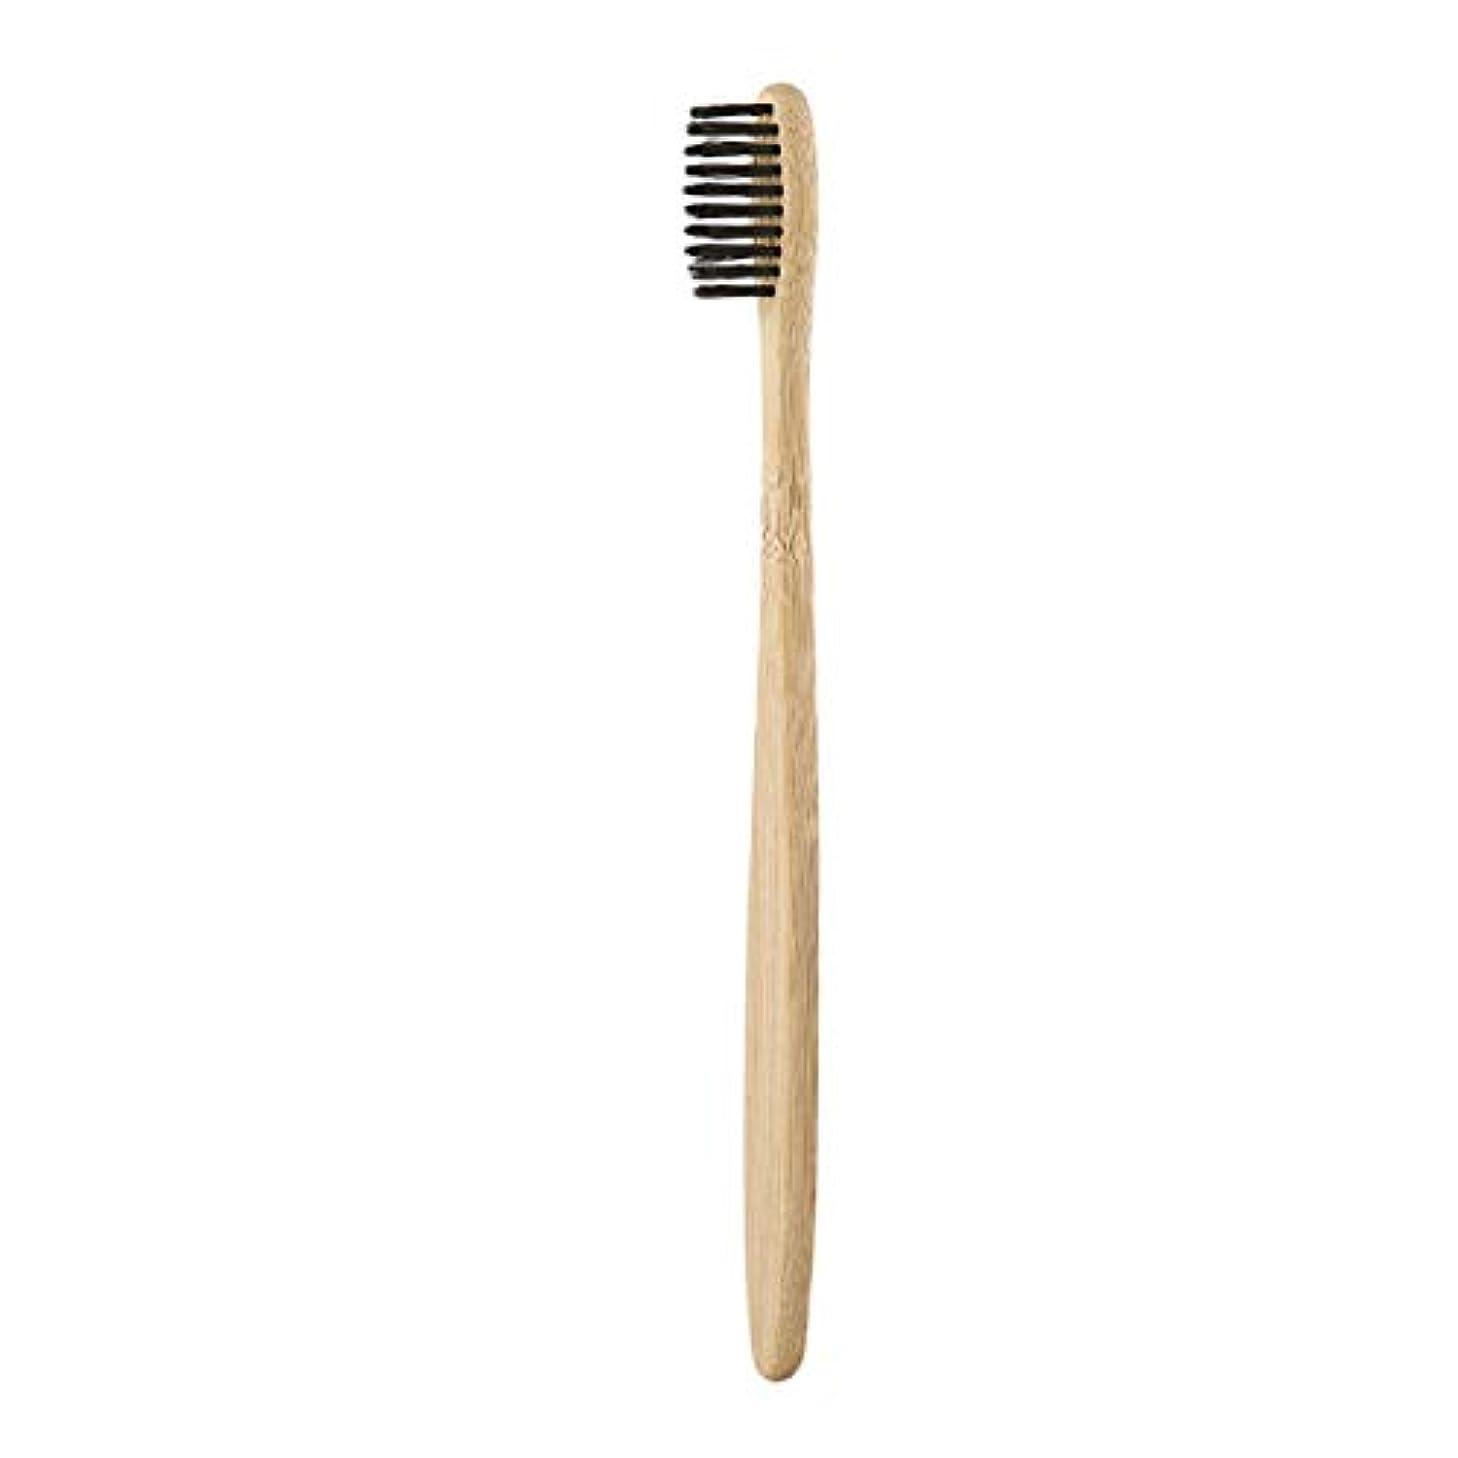 に向かって駅頑張る手作りの快適な環境に優しい環境歯ブラシ竹ハンドル歯ブラシ木炭剛毛健康オーラルケア - ウッドカラー